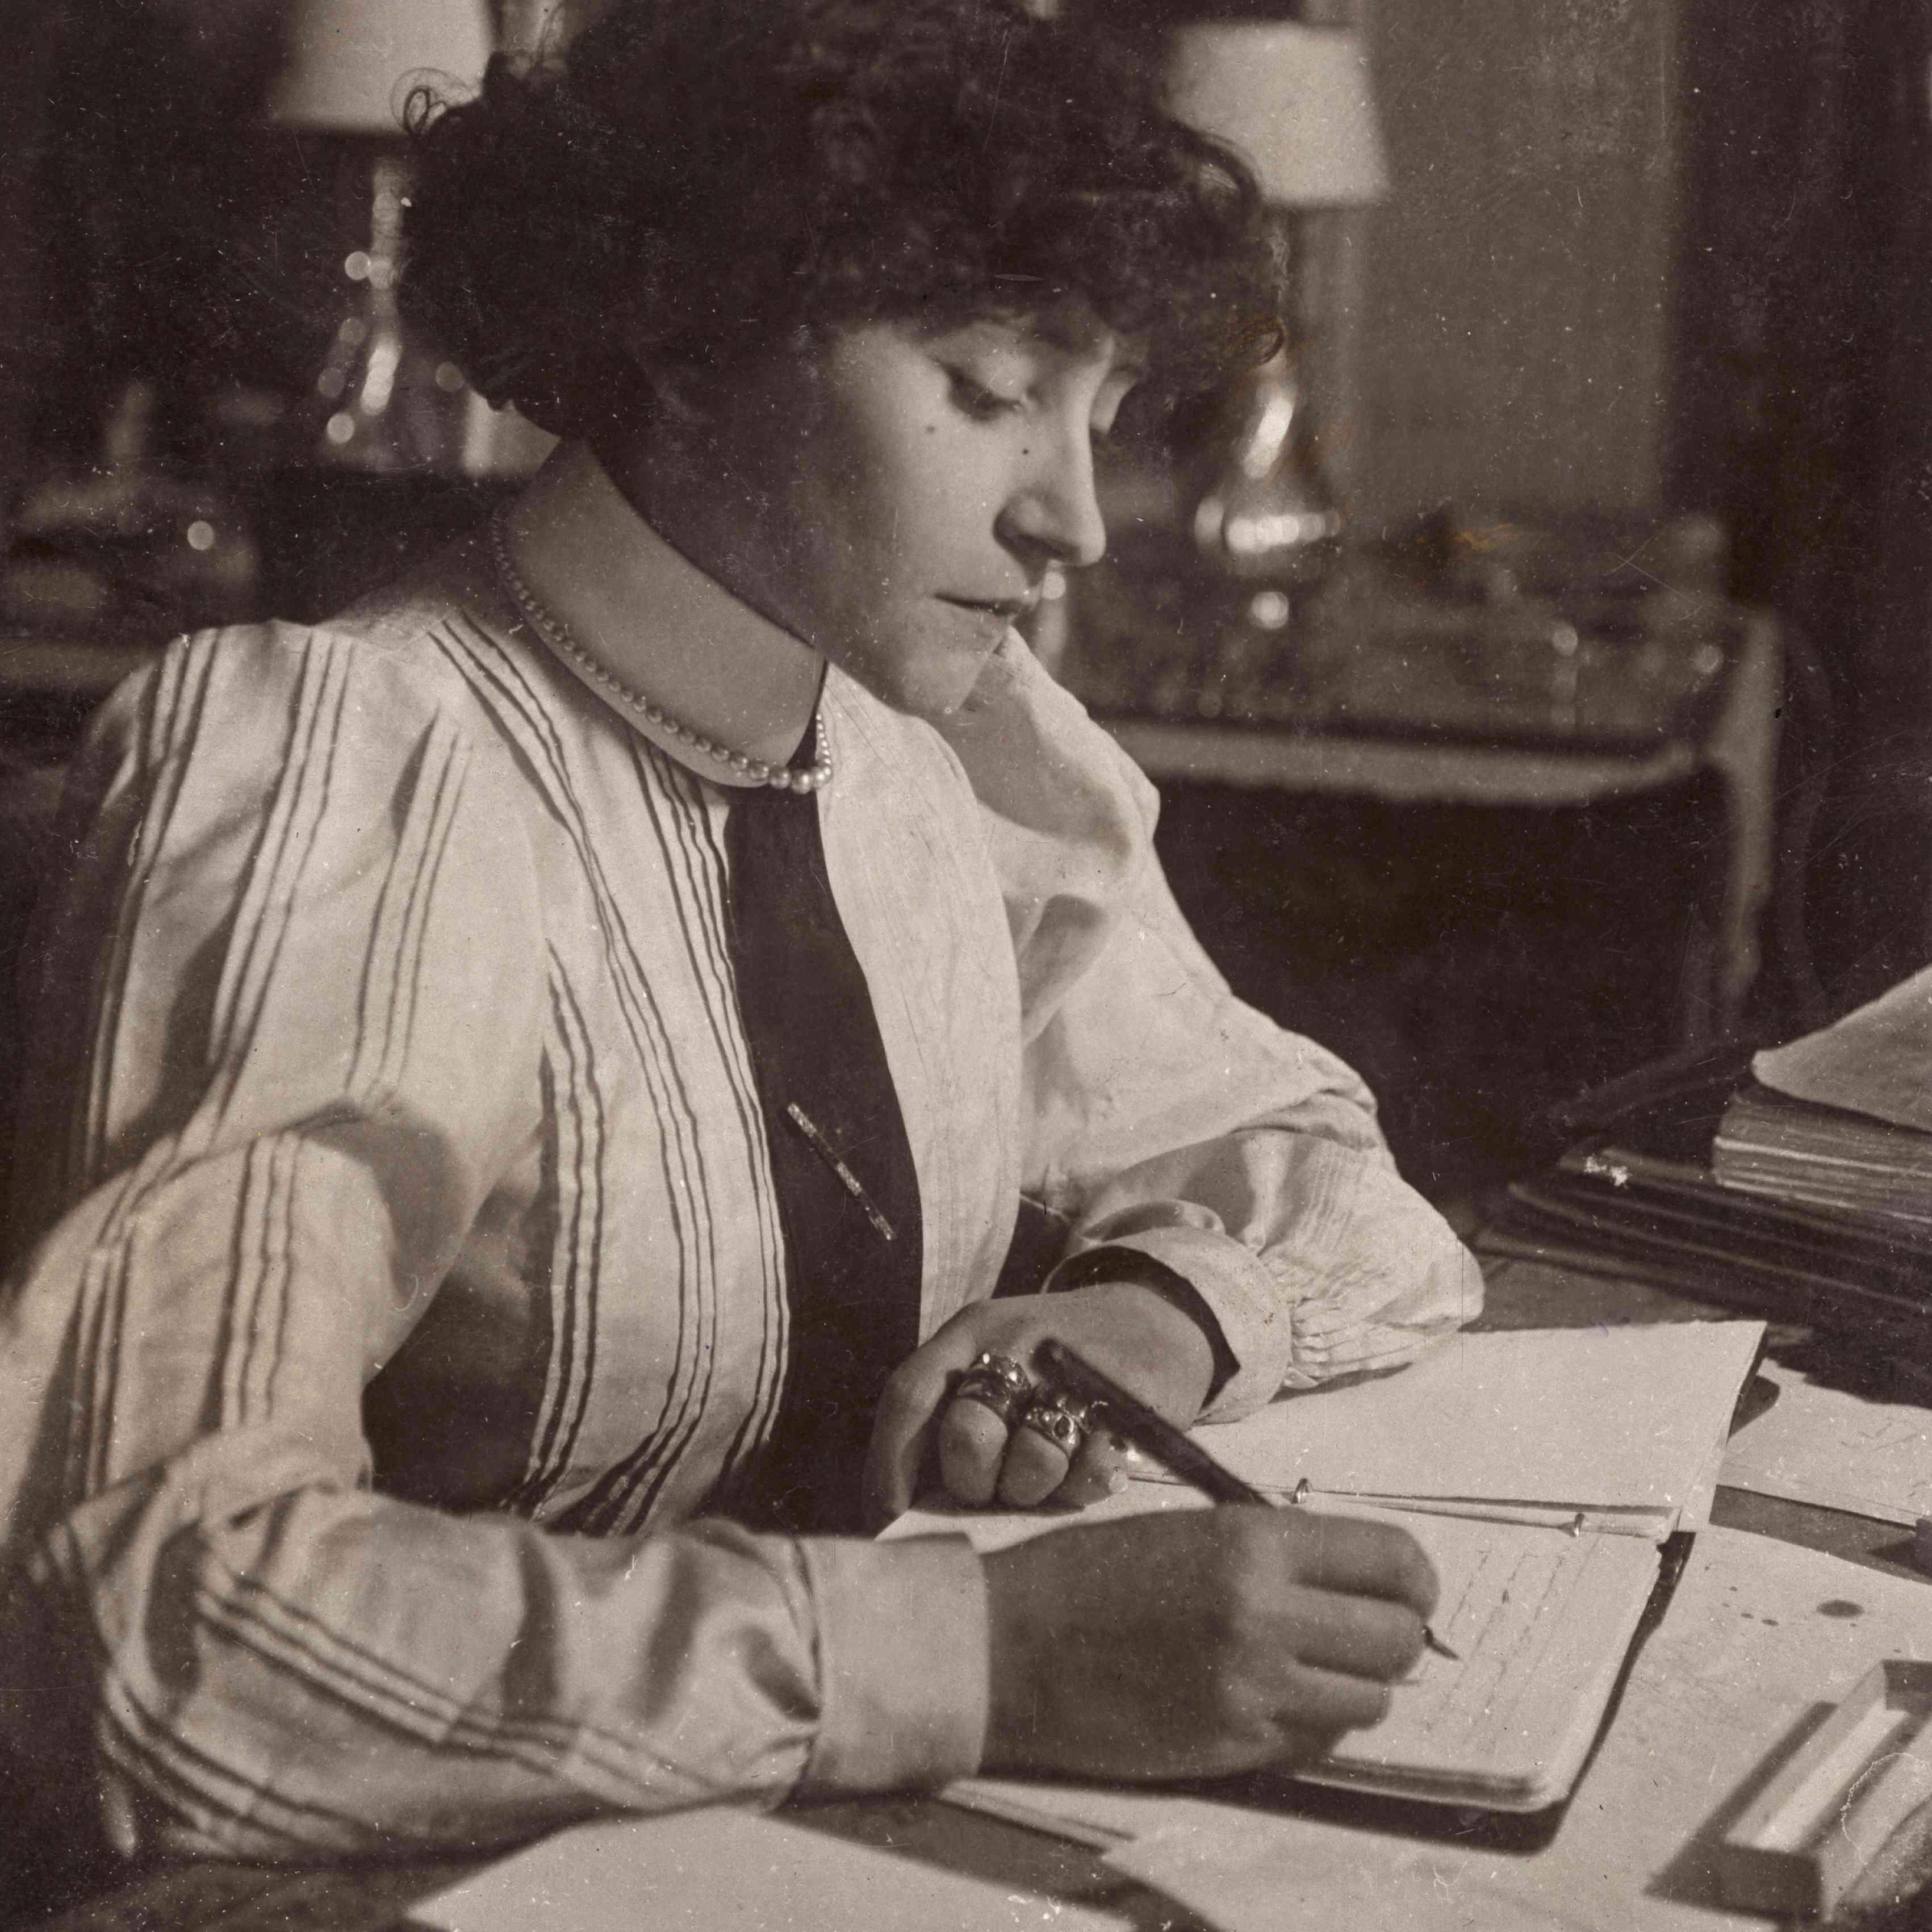 Colette con un vestido de manga larga escribiendo en un cuaderno